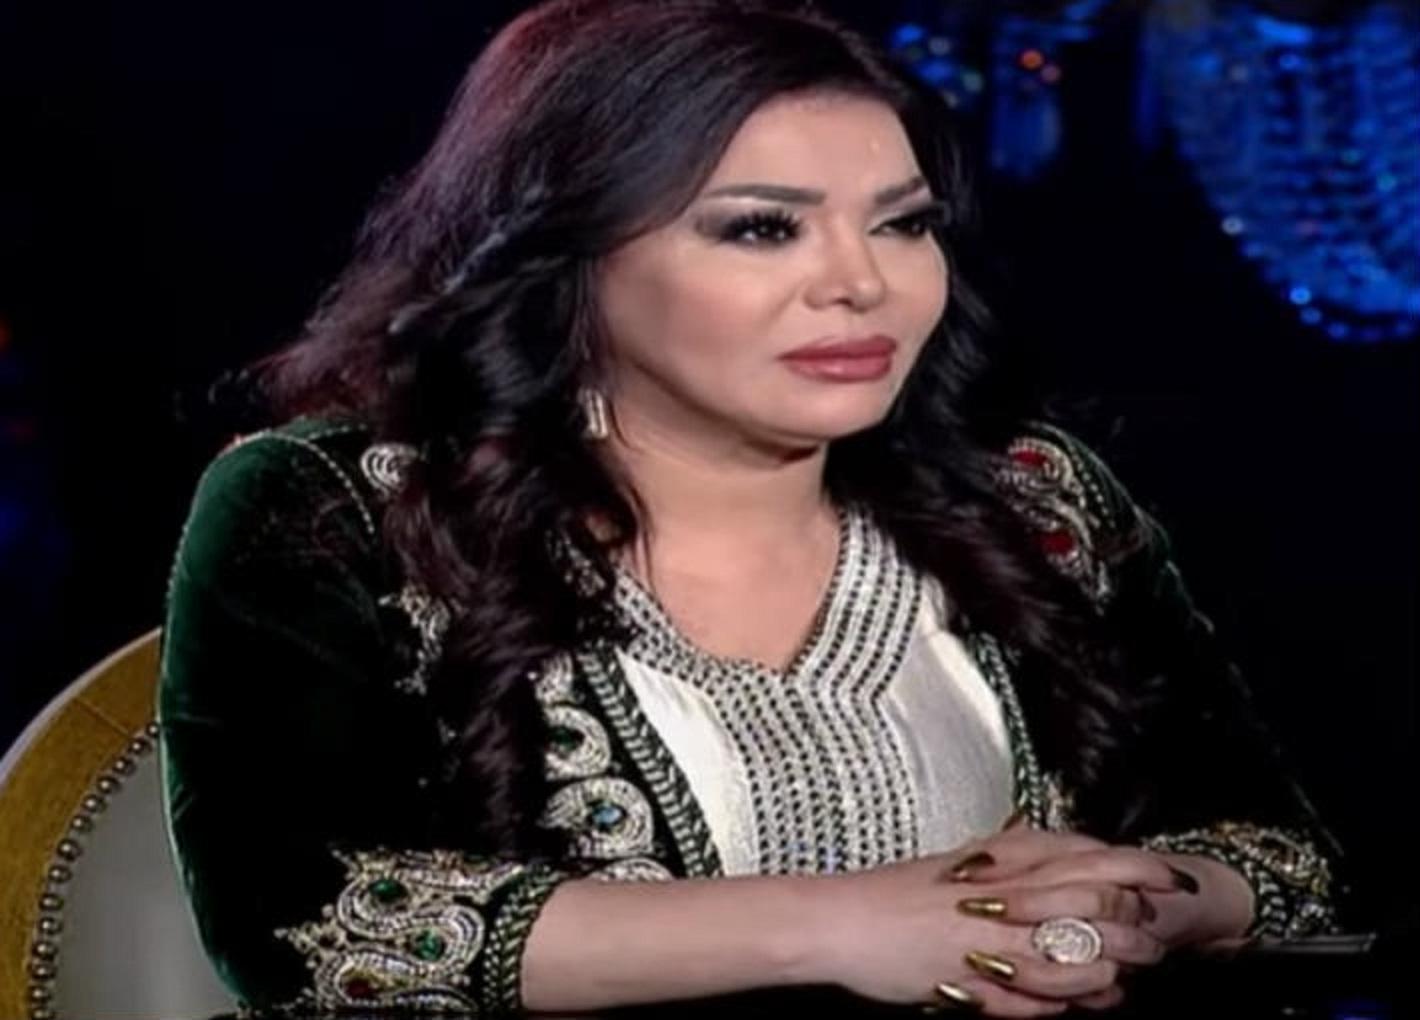 ليلي-غفران-ومحمد-رمضان-في-شيخ-الحارة-مع-بسمة-وهبة- (4)